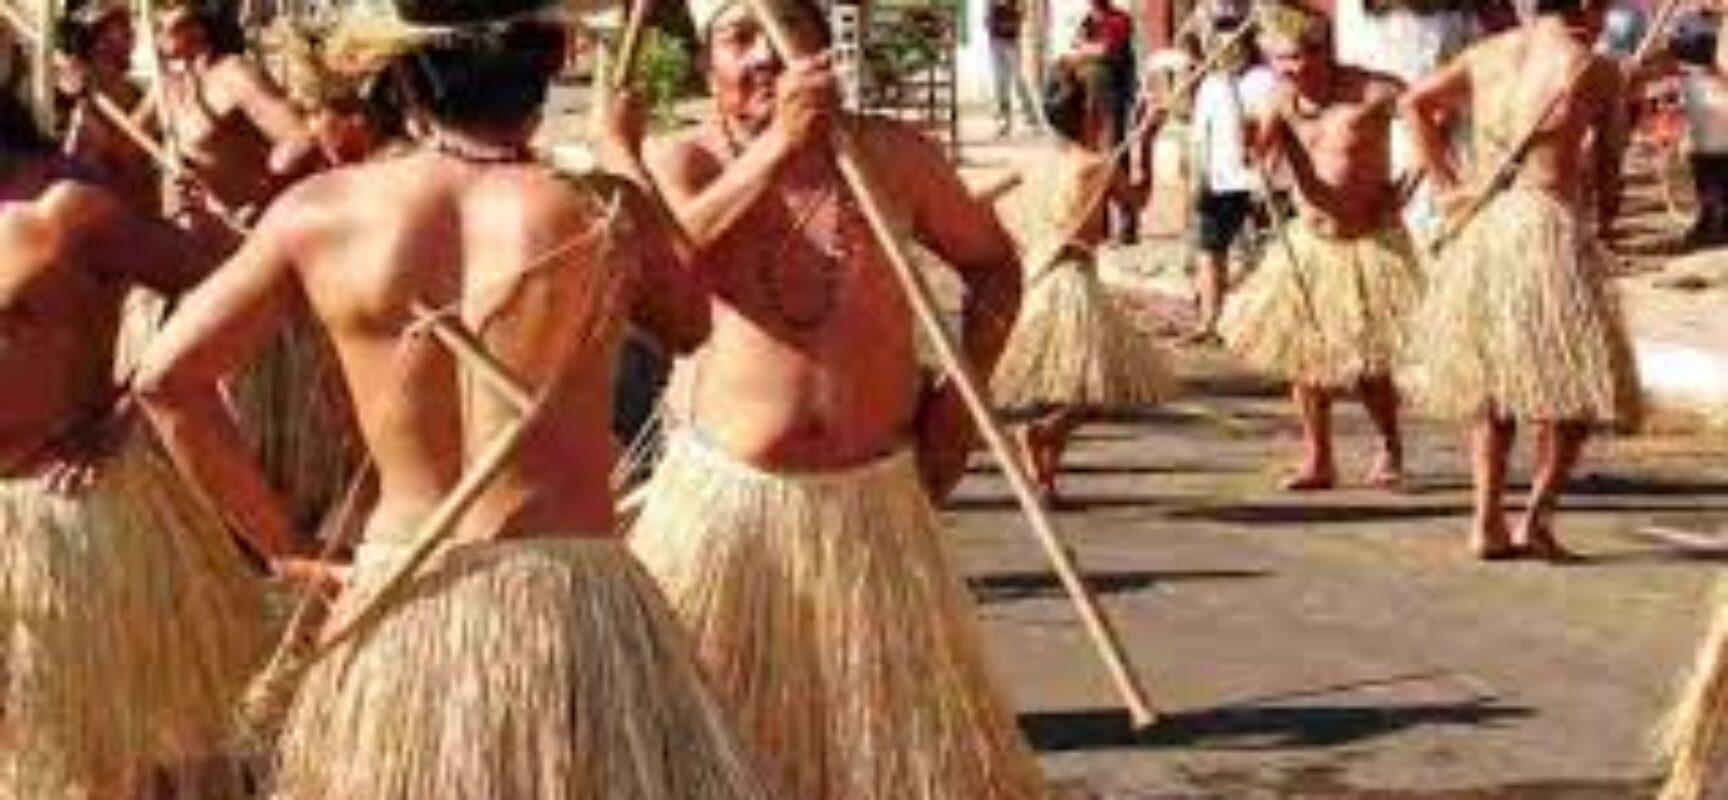 Suspensa desocupação de terra da Comunidade Indígena Tupinambá na Bahia